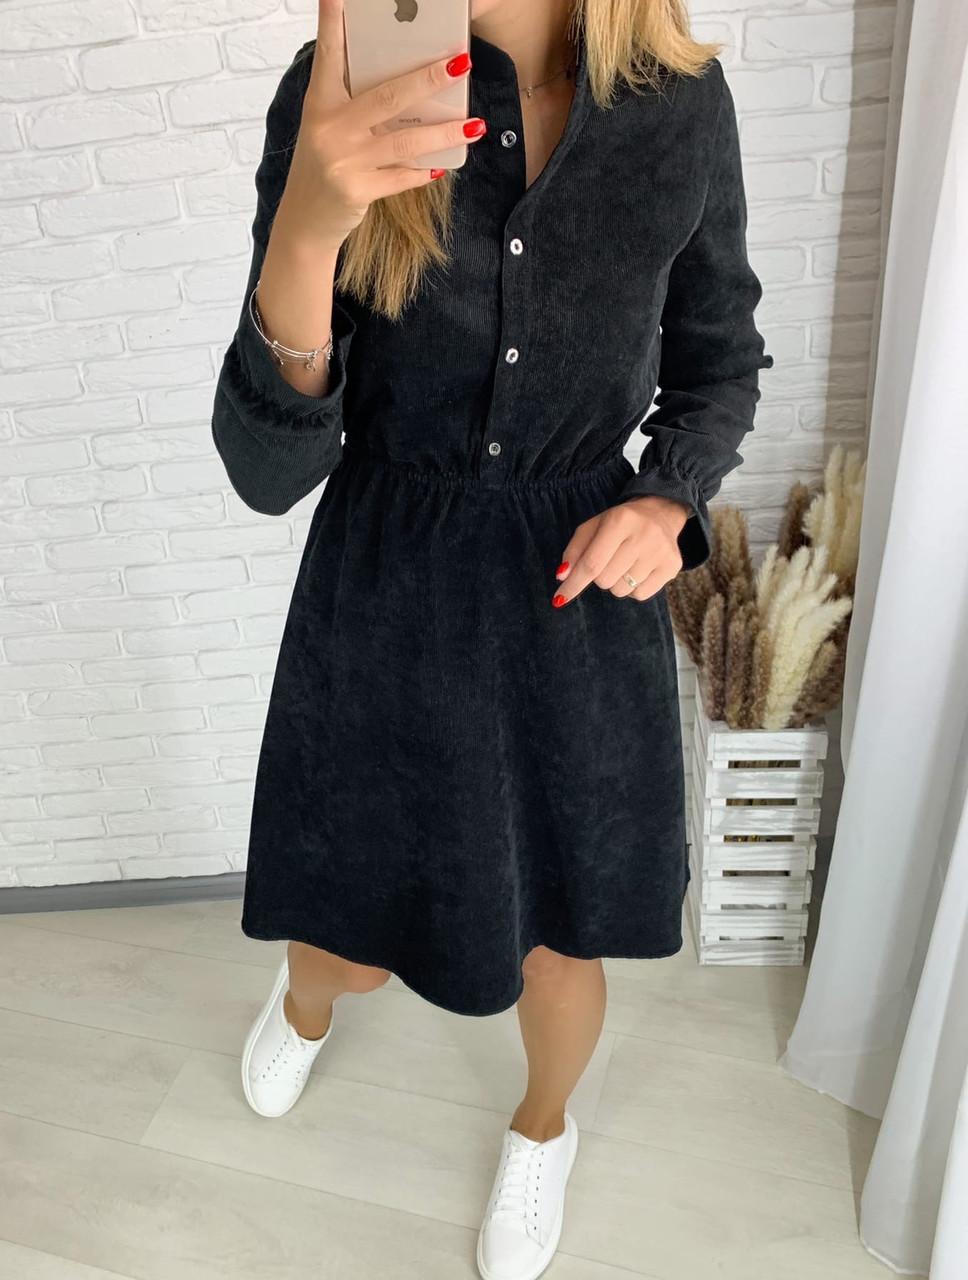 Чёрное вельветовое платье с пуговицами